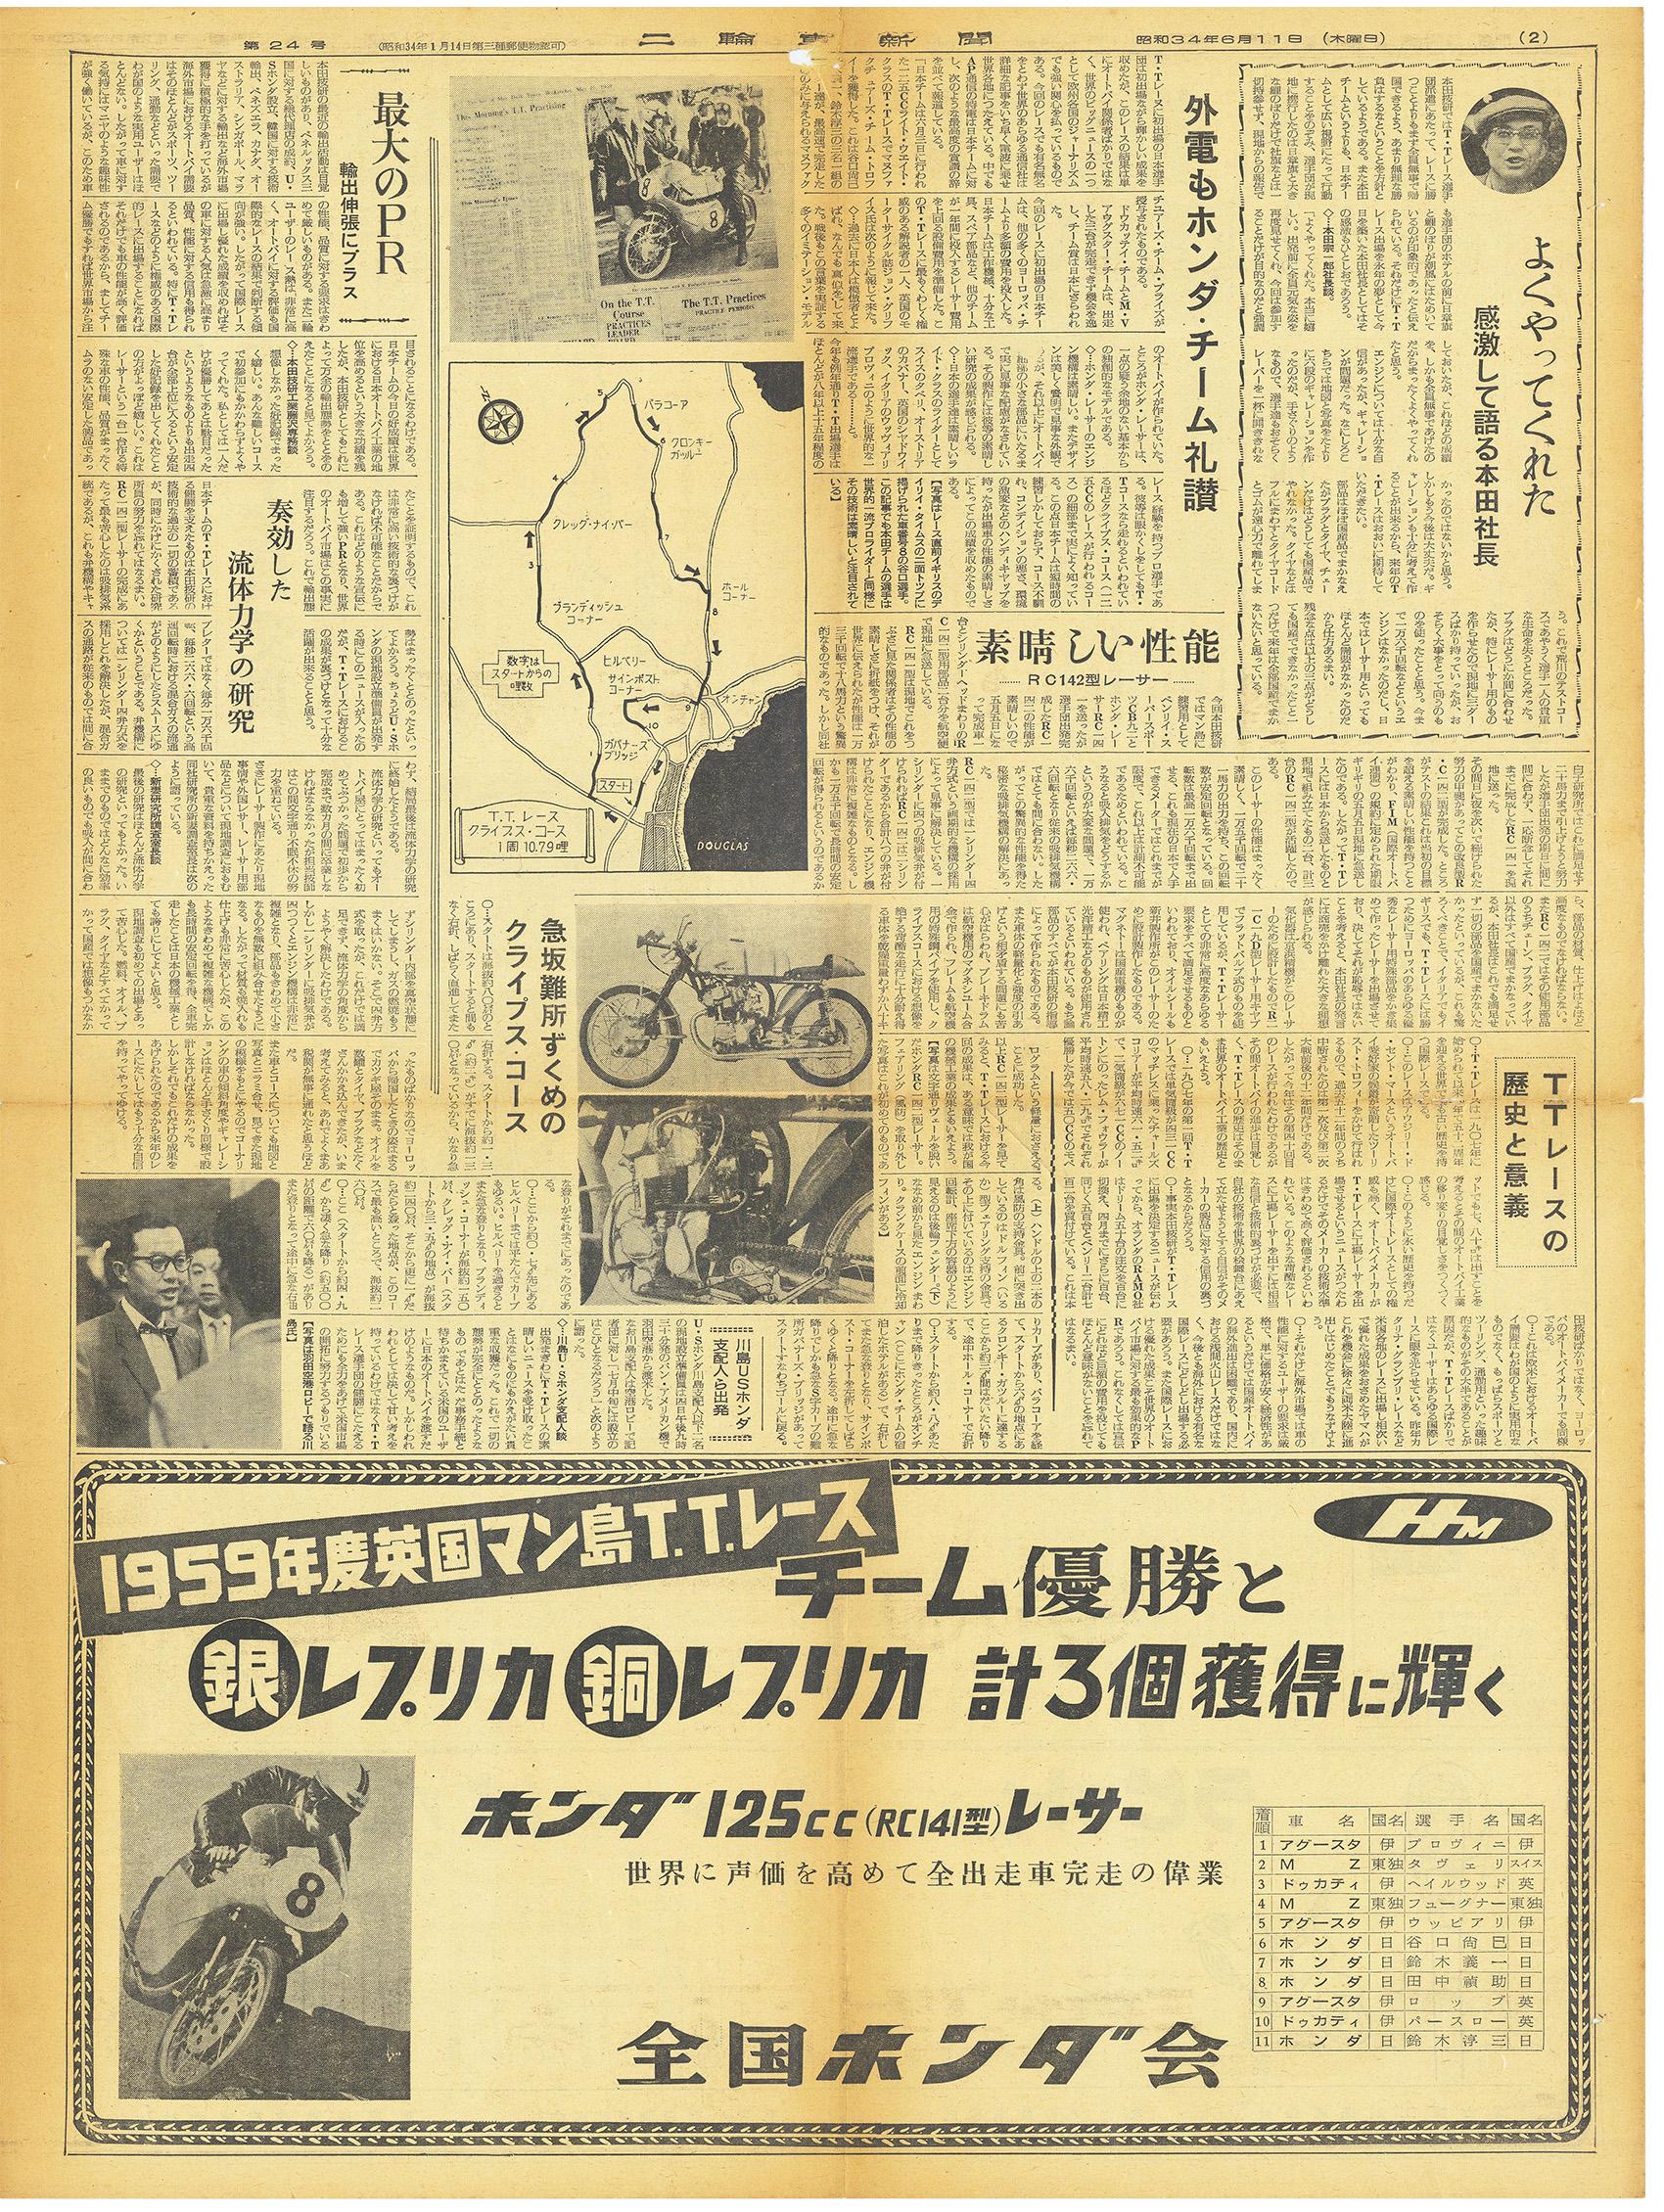 二輪車新聞